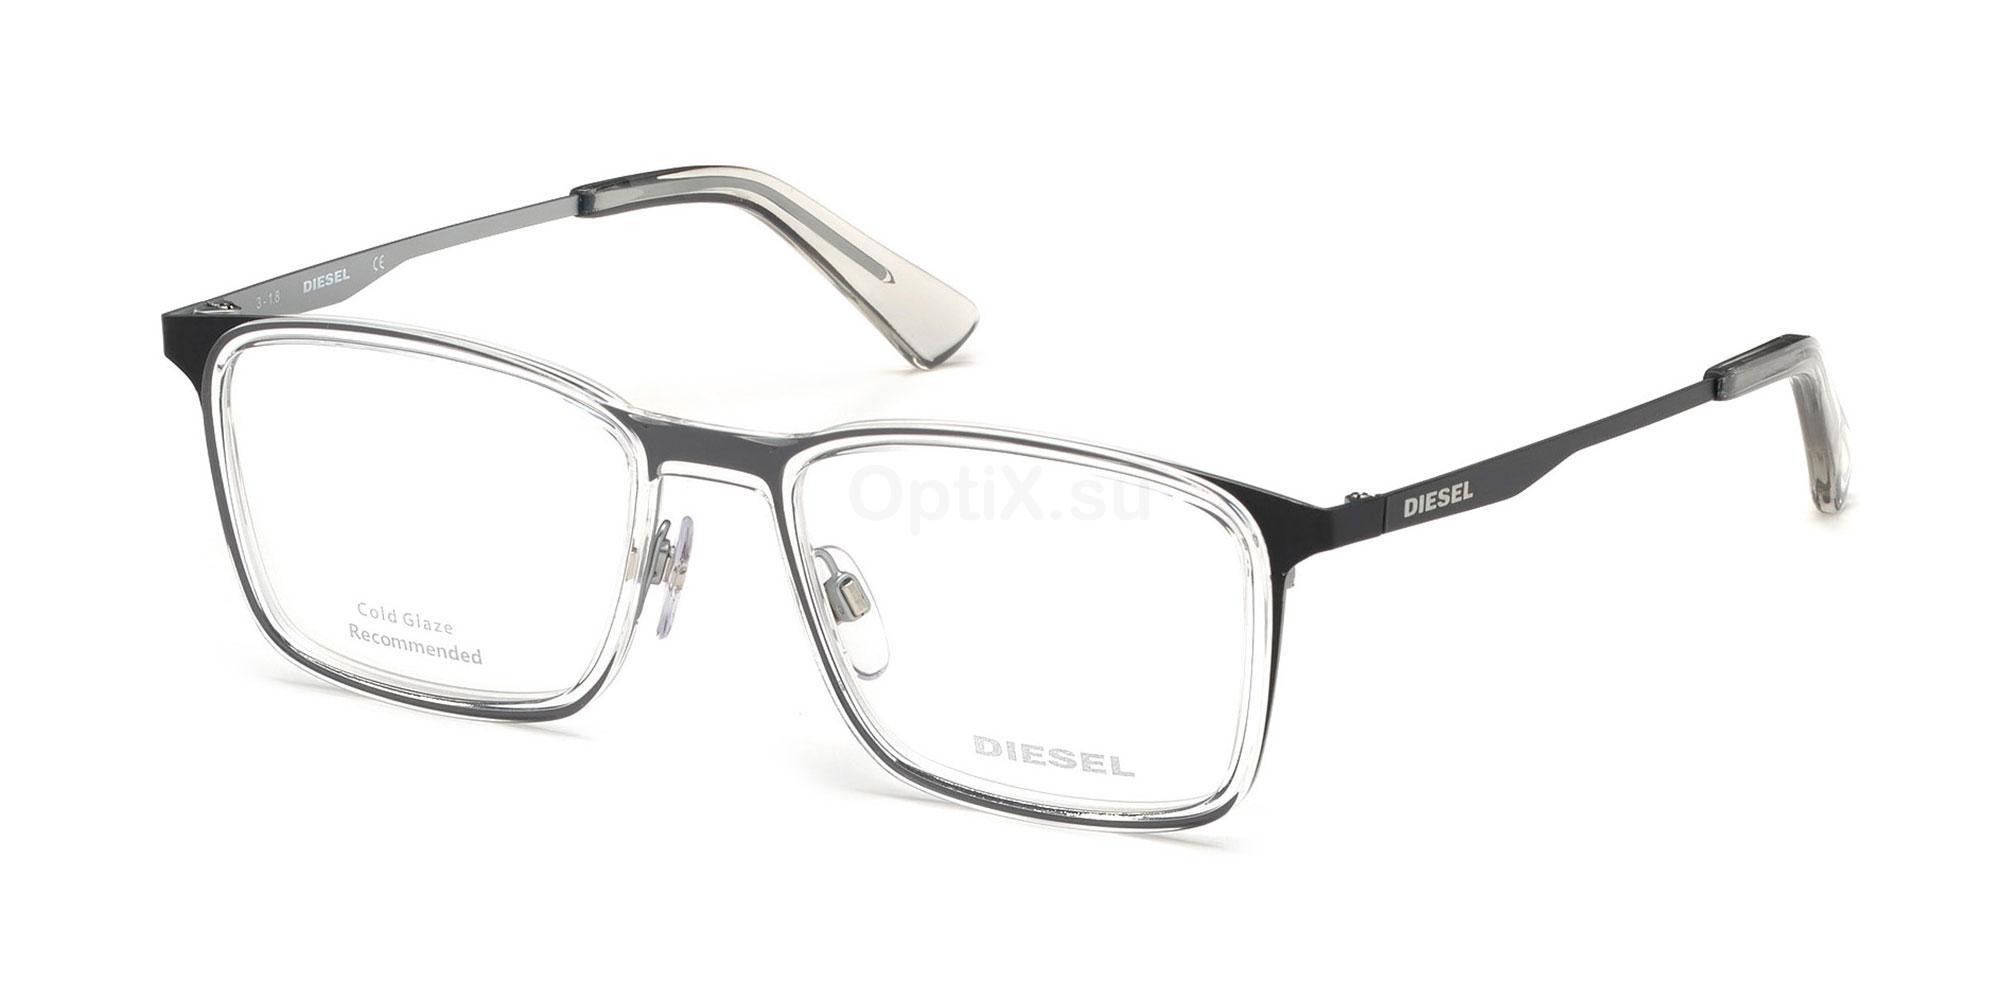 005 DL5299 Glasses, Diesel